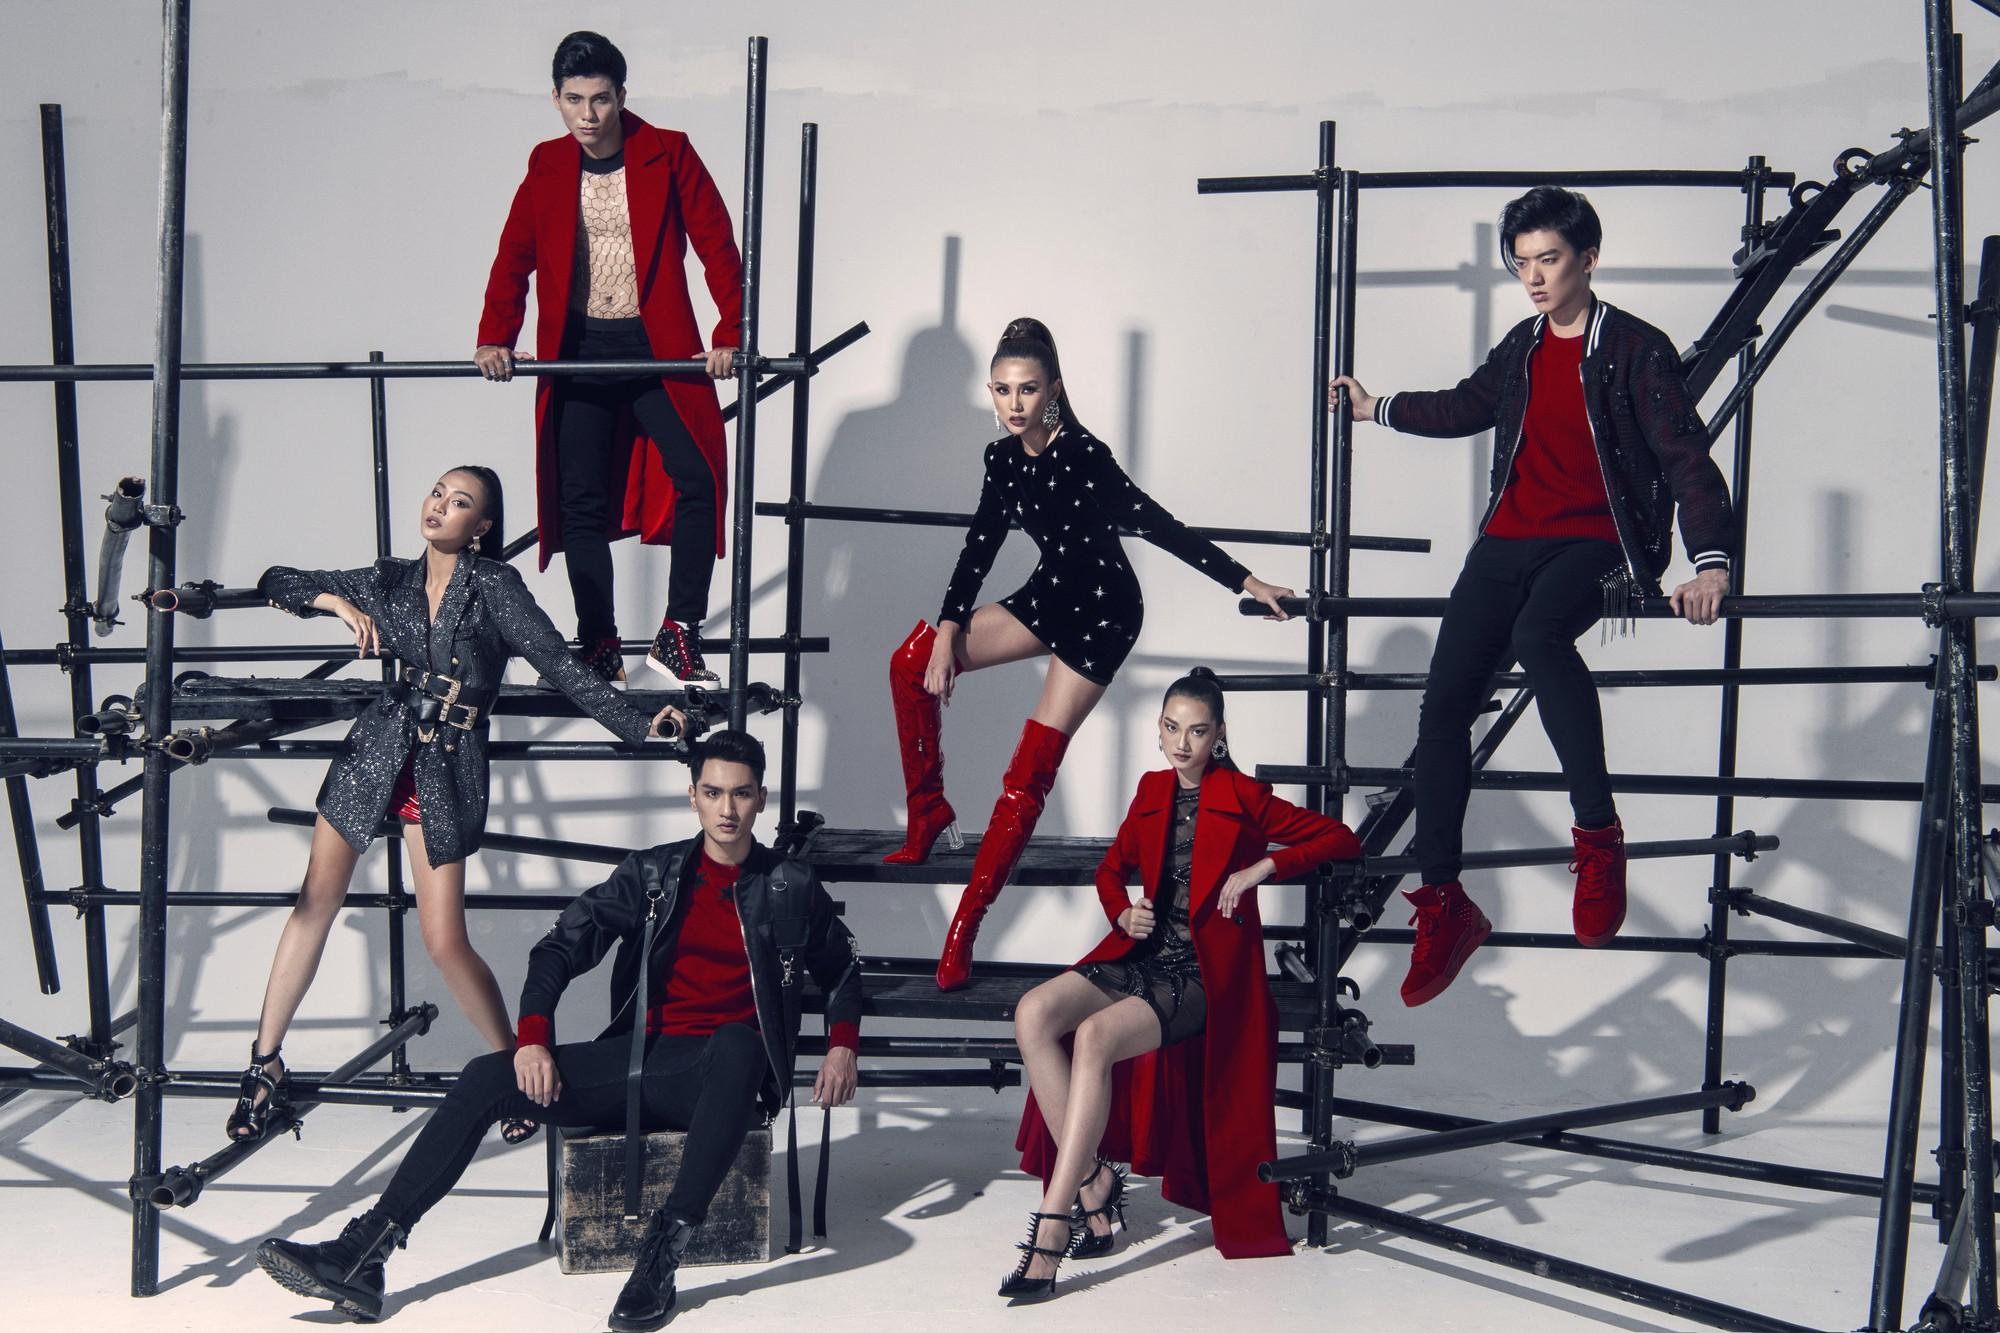 Võ Hoàng Yến ra mắt dàn thí sinh đậm chất thời trang tại The Face Vietnam - Ảnh 3.